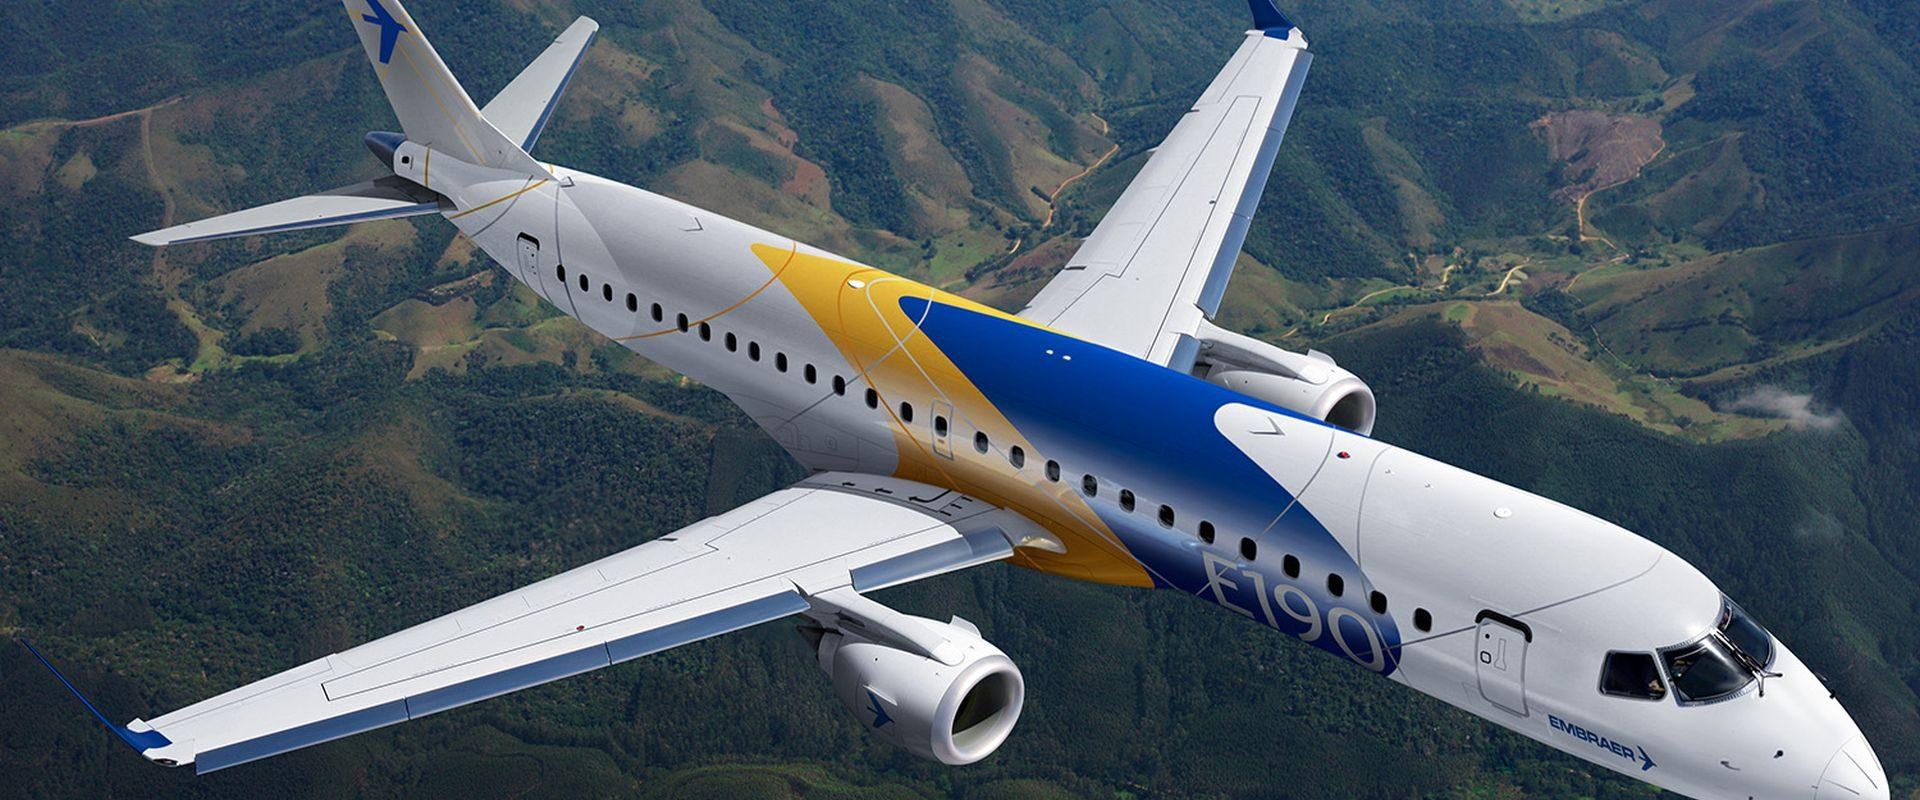 Взломщики уже сливают данные взломанной компании Embraer